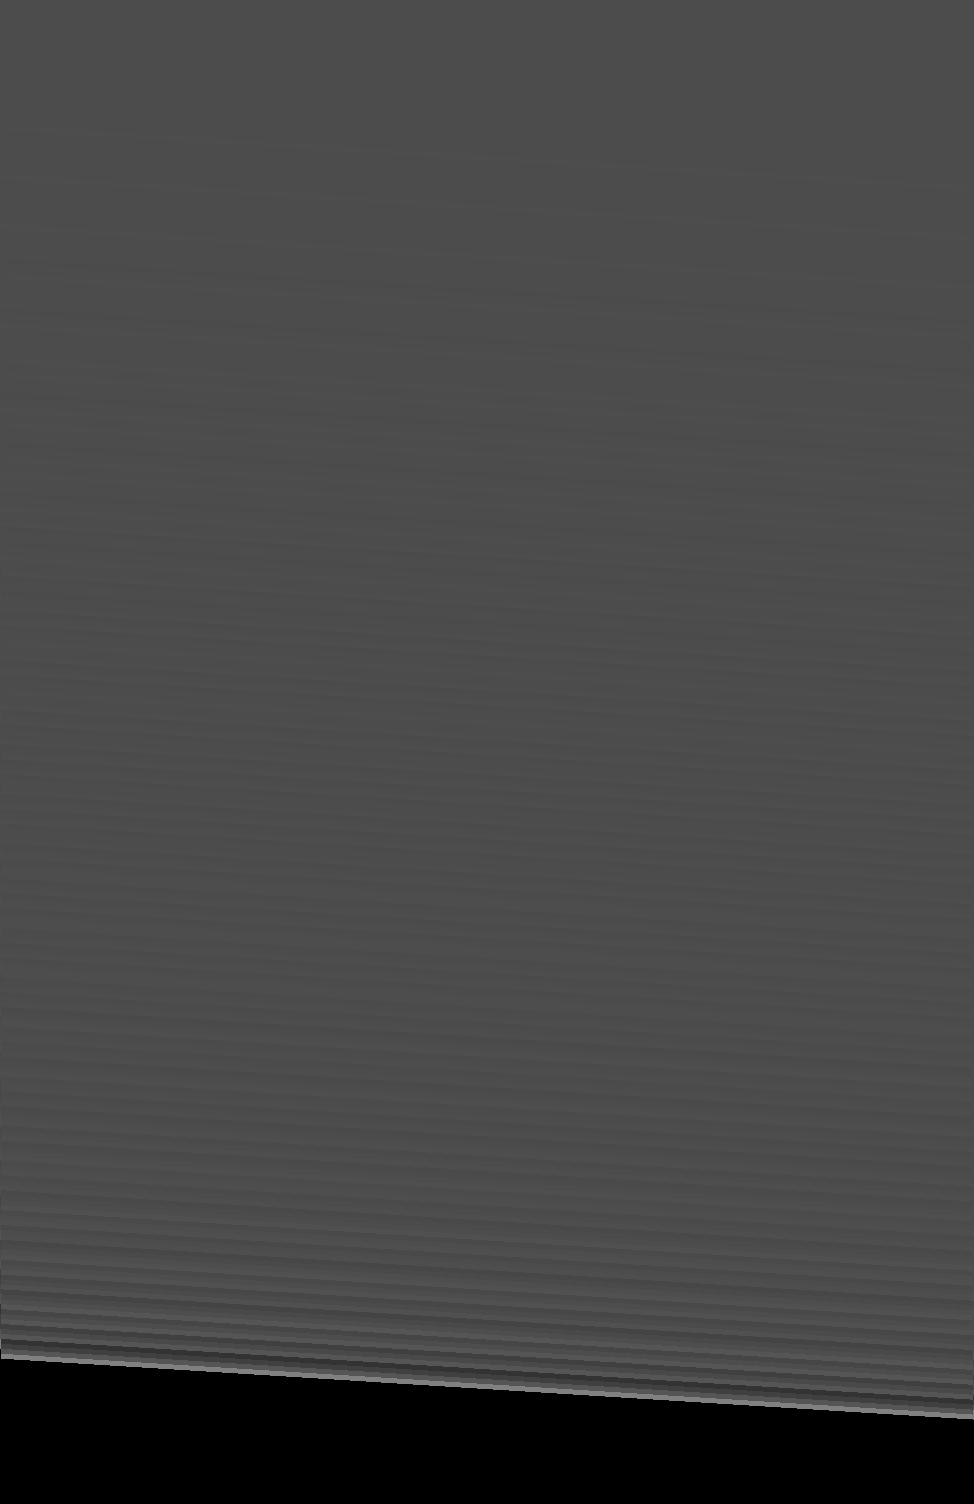 Pianeta sezione lunalogica - Degrade de gris ...